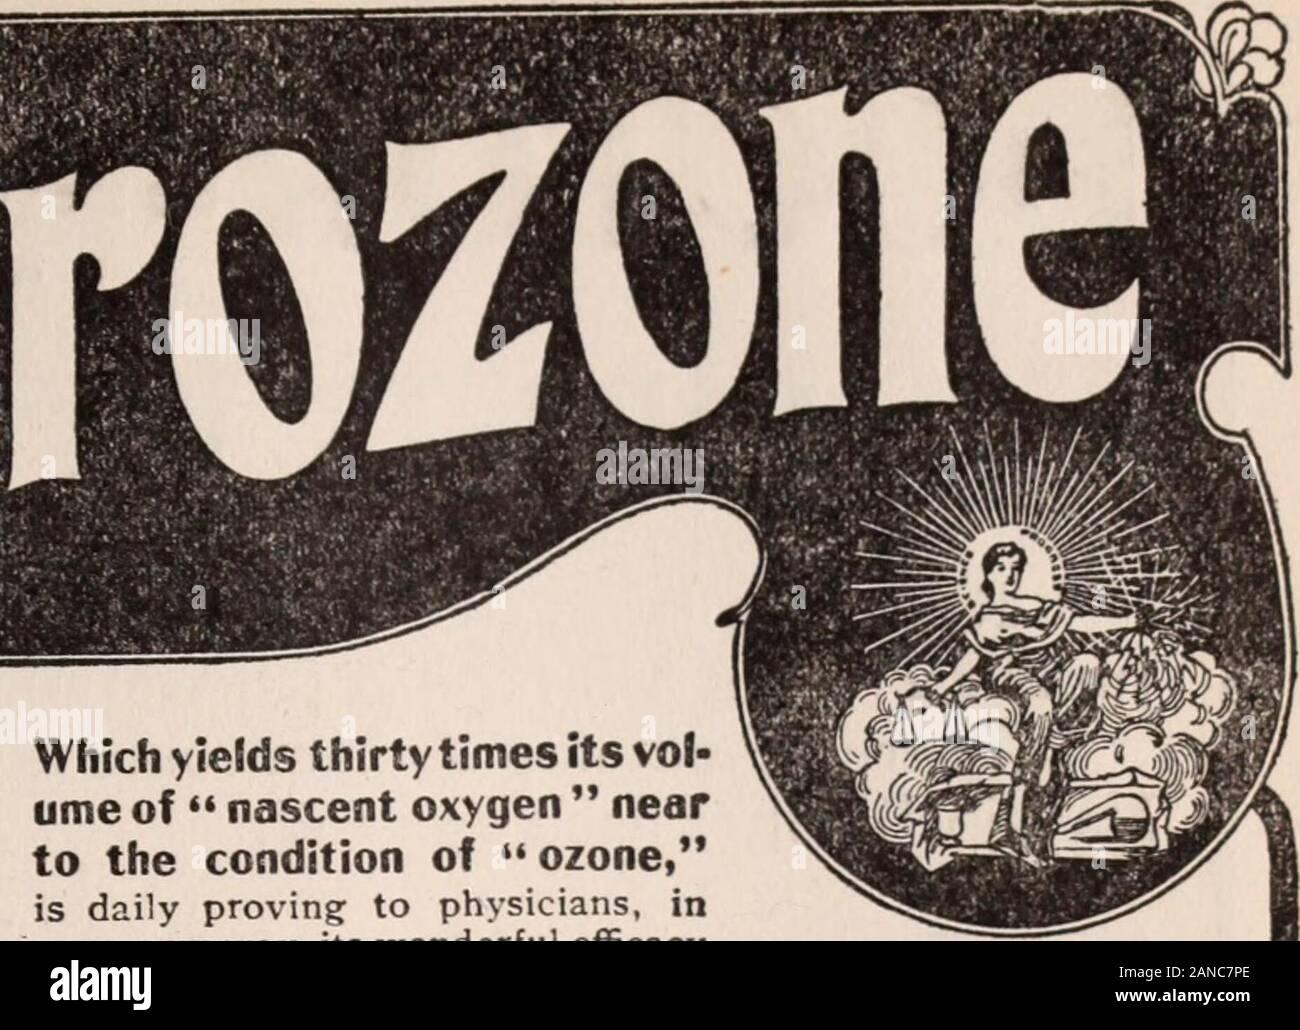 La crítica . Que rinde 34 veces su vol-ume de oxígeno naciente nearto la condición de ozono, diariamente, está resultando en unos de los médicos, de manera nueva, su maravillosa efficacyin terco casos de eczema, psoriasis, Sal Rheam, comezón,barberos picazón, erisipela, envenenamiento por hiedra, tiña, el herpes zoster o zona, etc. El acné, espinillas en Faceare esclarecido y los poros y GLYCOZONEin HYDROZONE curado por un camino que ismagical. Pruebe este tratamiento; resultswill usted por favor. Método completo de tratamiento en mi libro, La TherapeuticalApplications de Hy-drozone y glyco-zona ; SeventeenthEdition, 332 páginas.enviadas gratuitamente a fís. Foto de stock